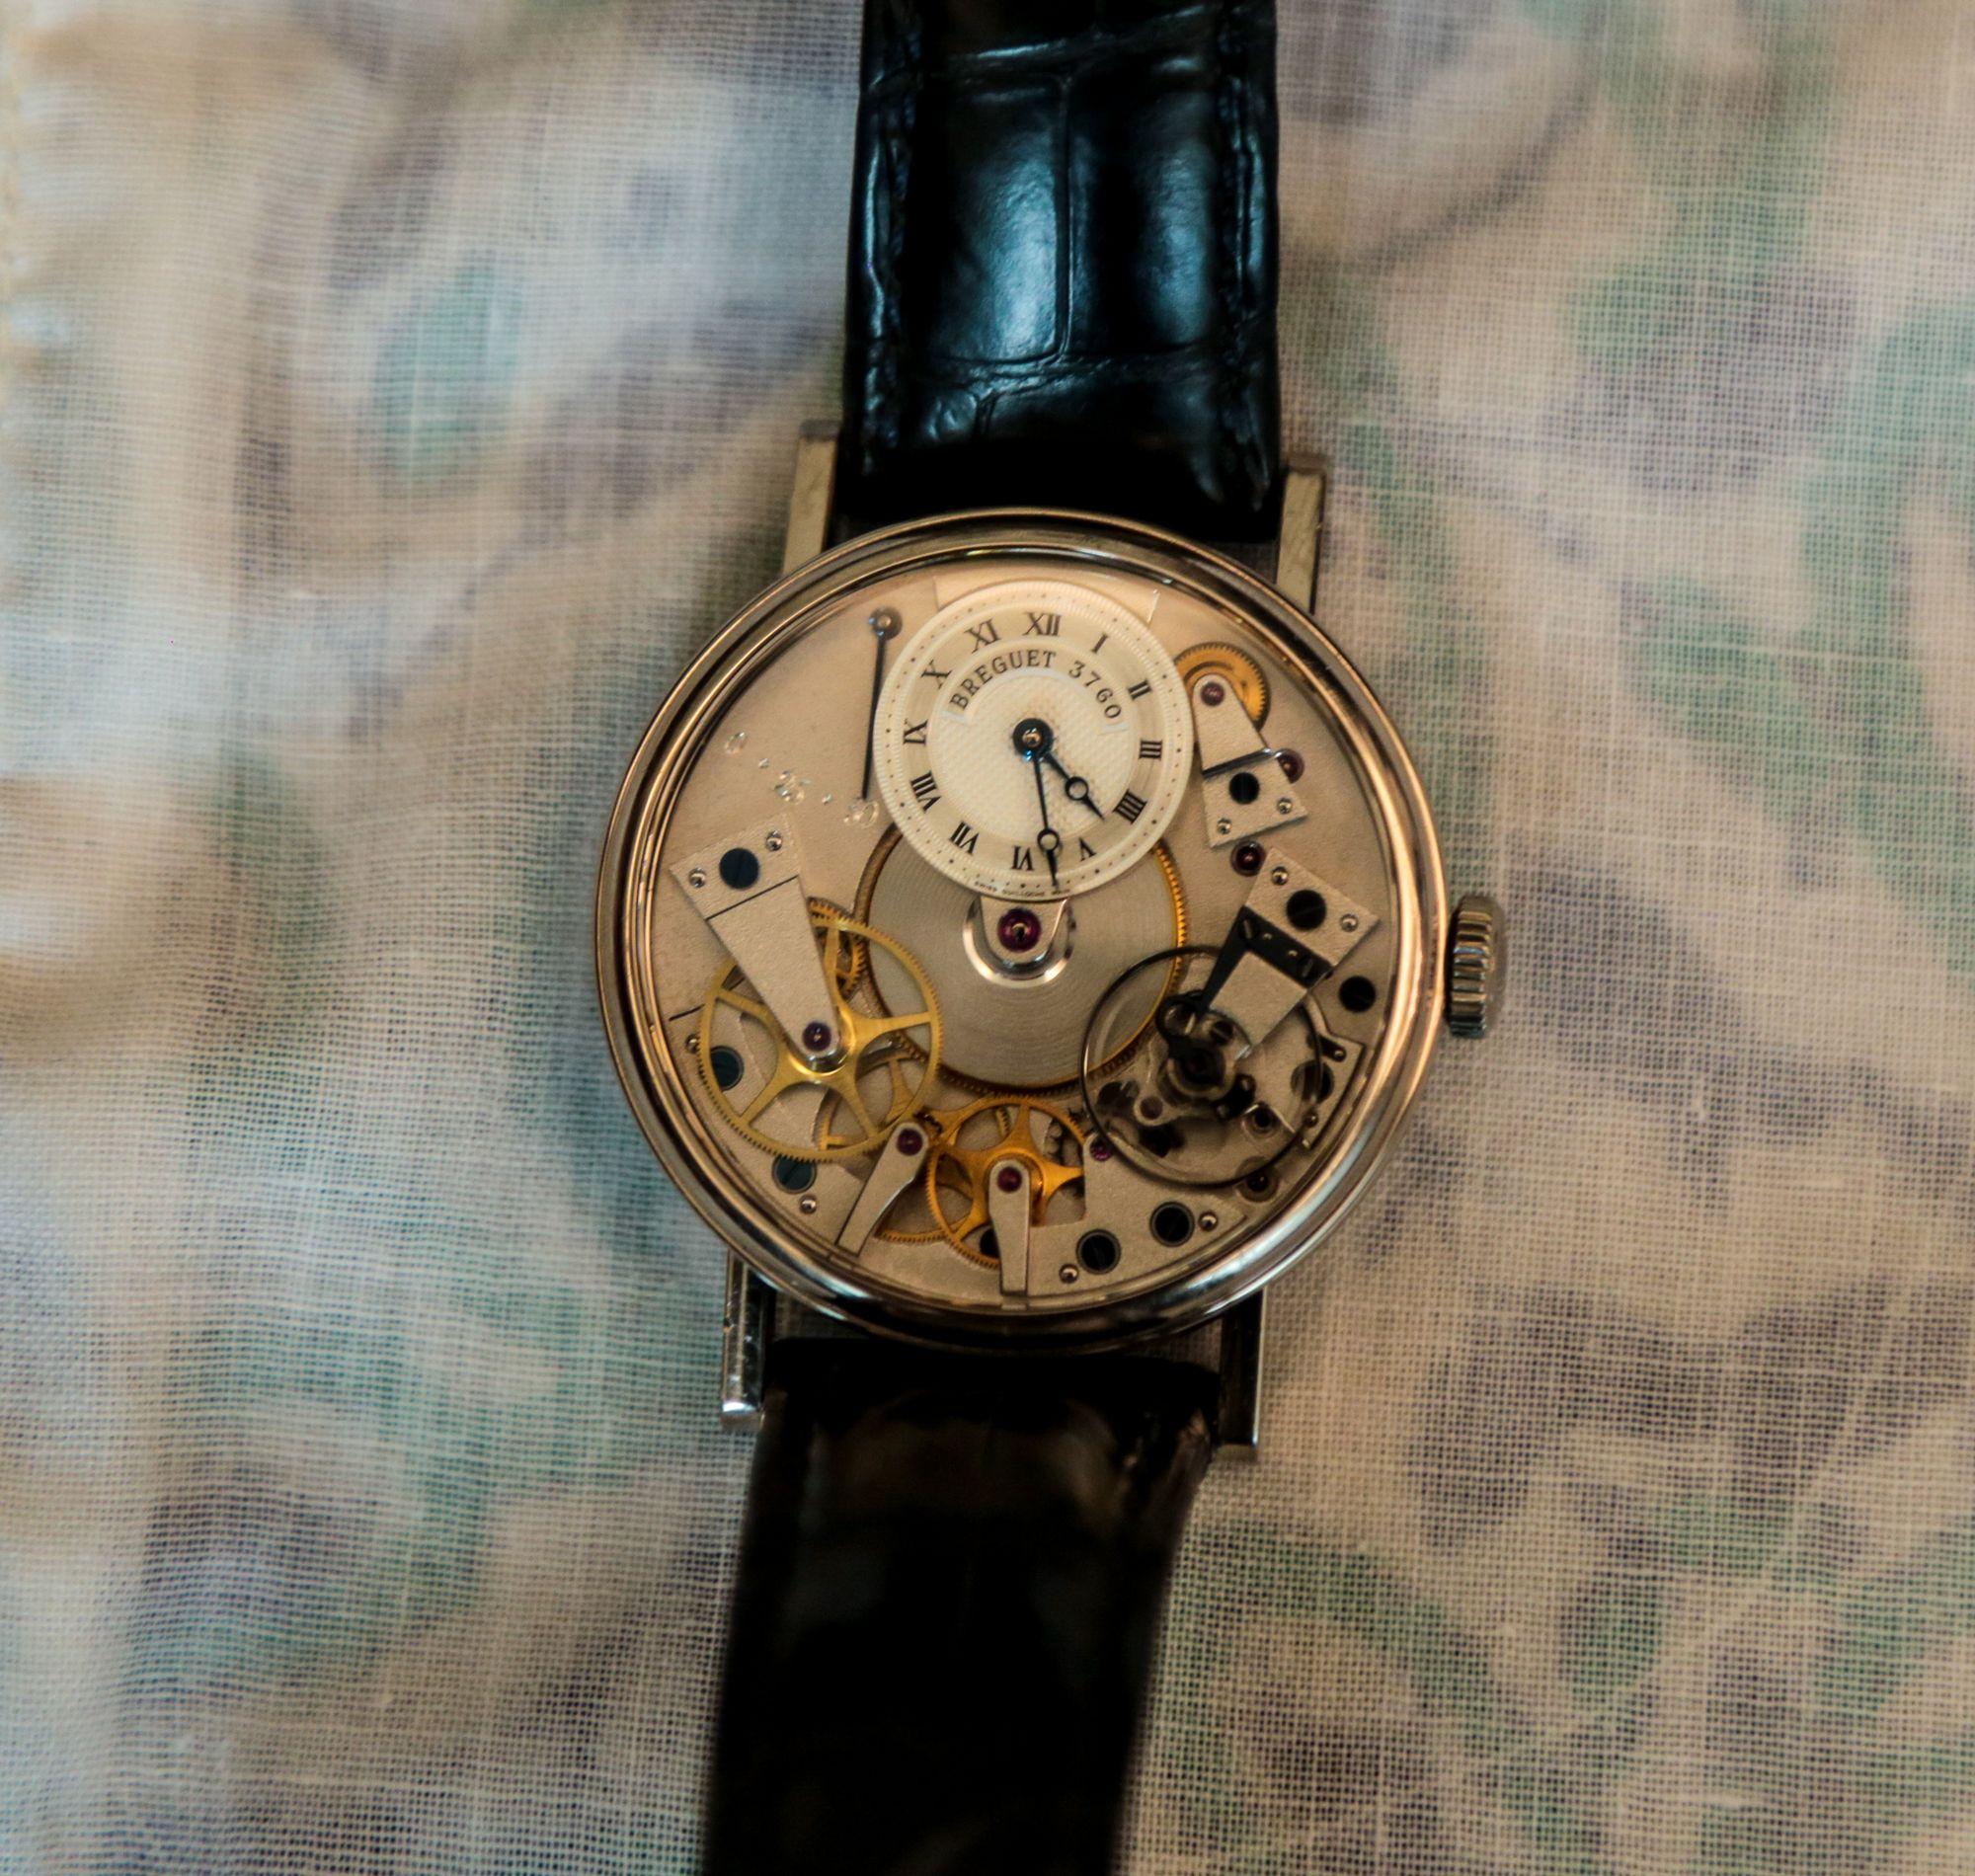 DILJEET TITUS 9 - Talking watches with Diljeet Titus